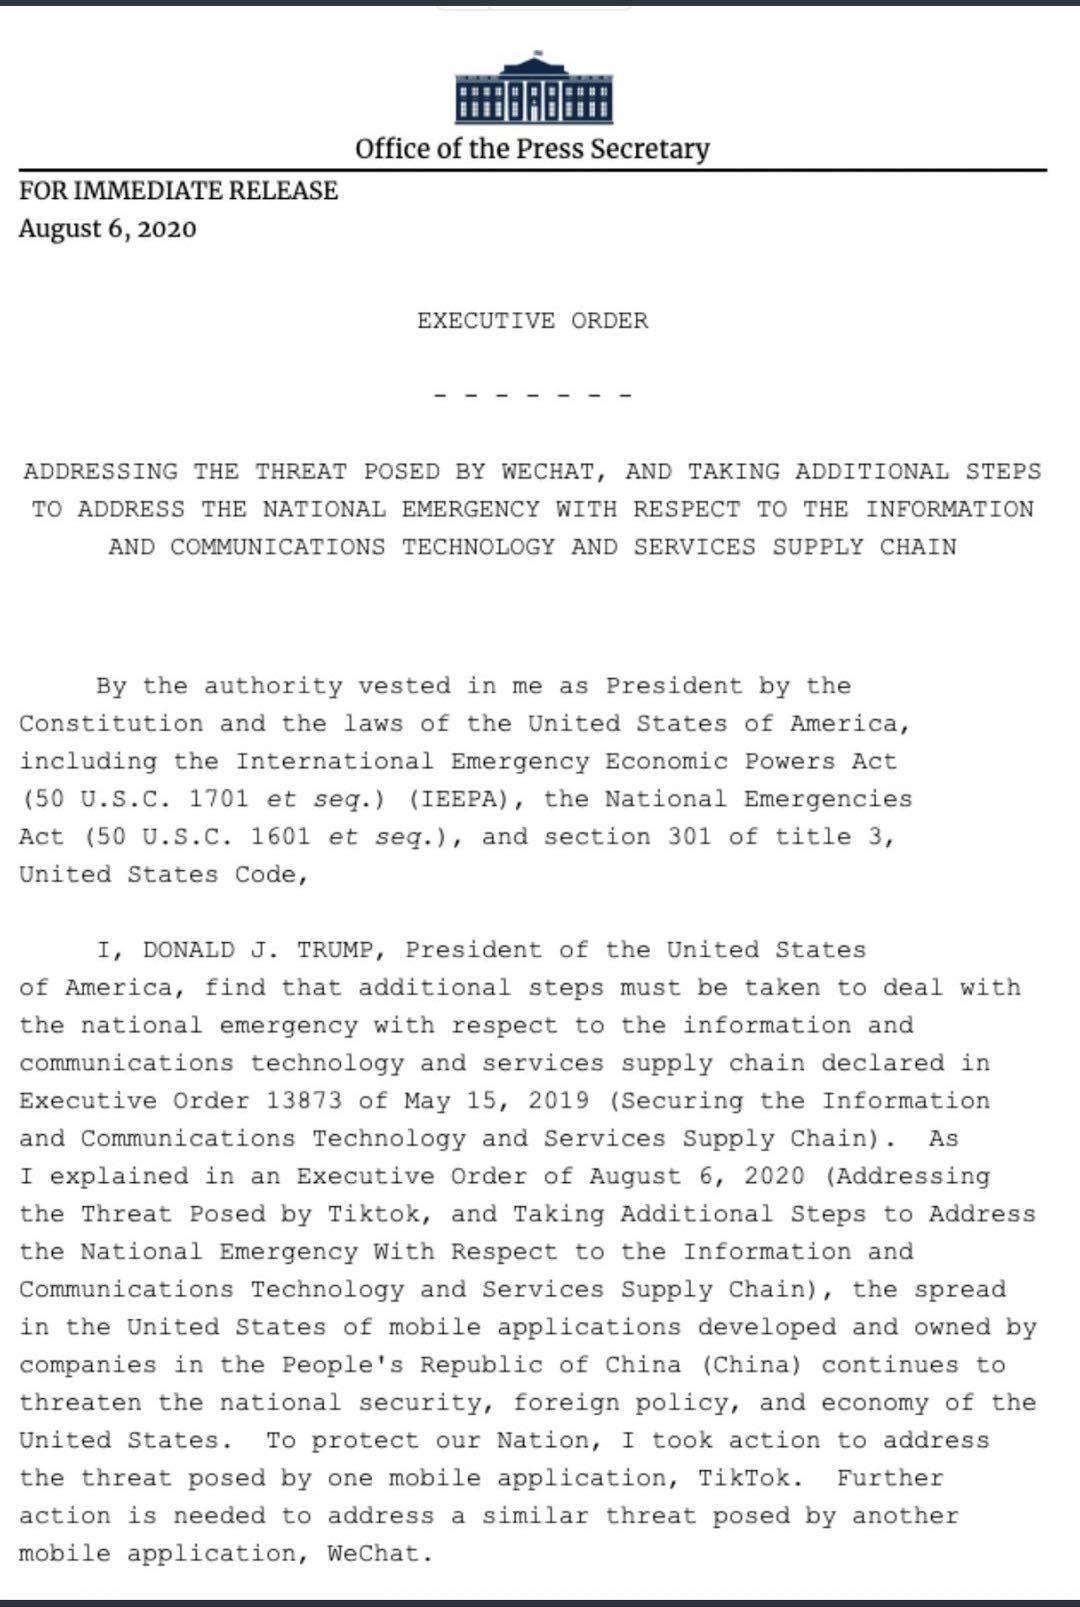 特朗普签署行政命令禁止美企业与字节跳动、腾讯交易